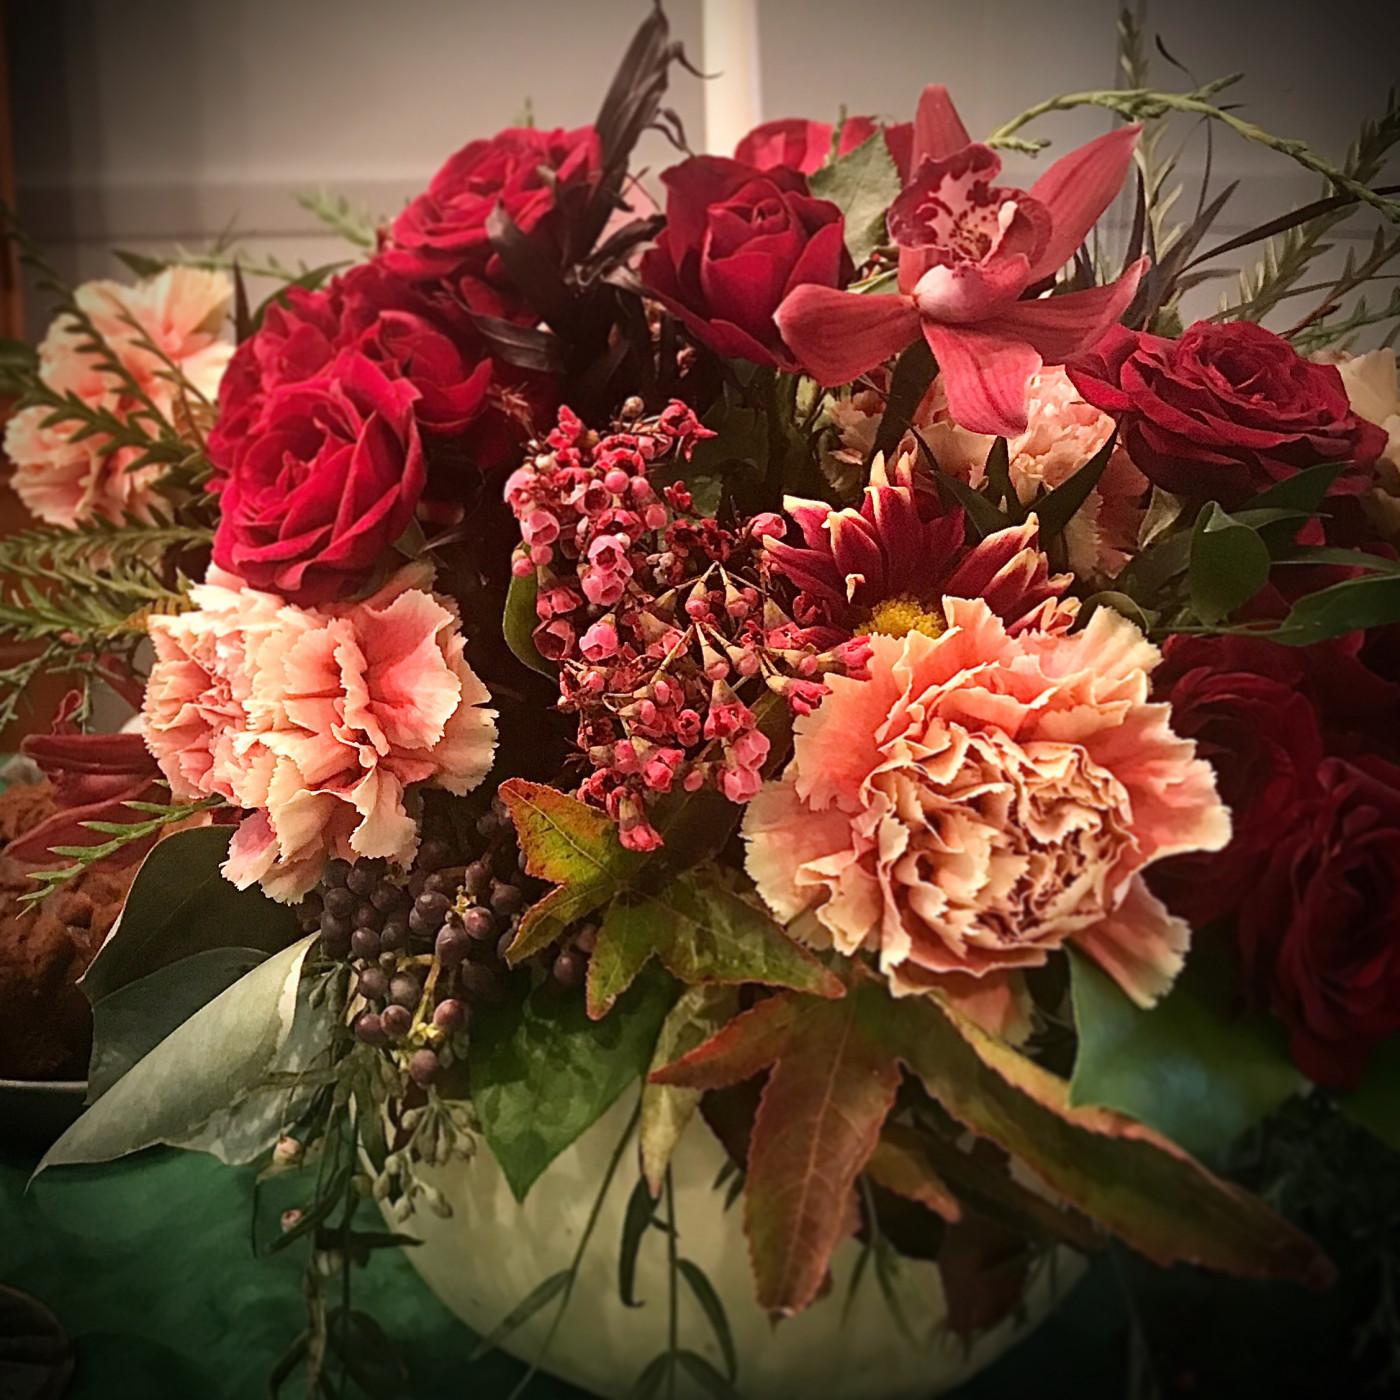 Floral Design Workshop-Thanksgiving Centerpiece